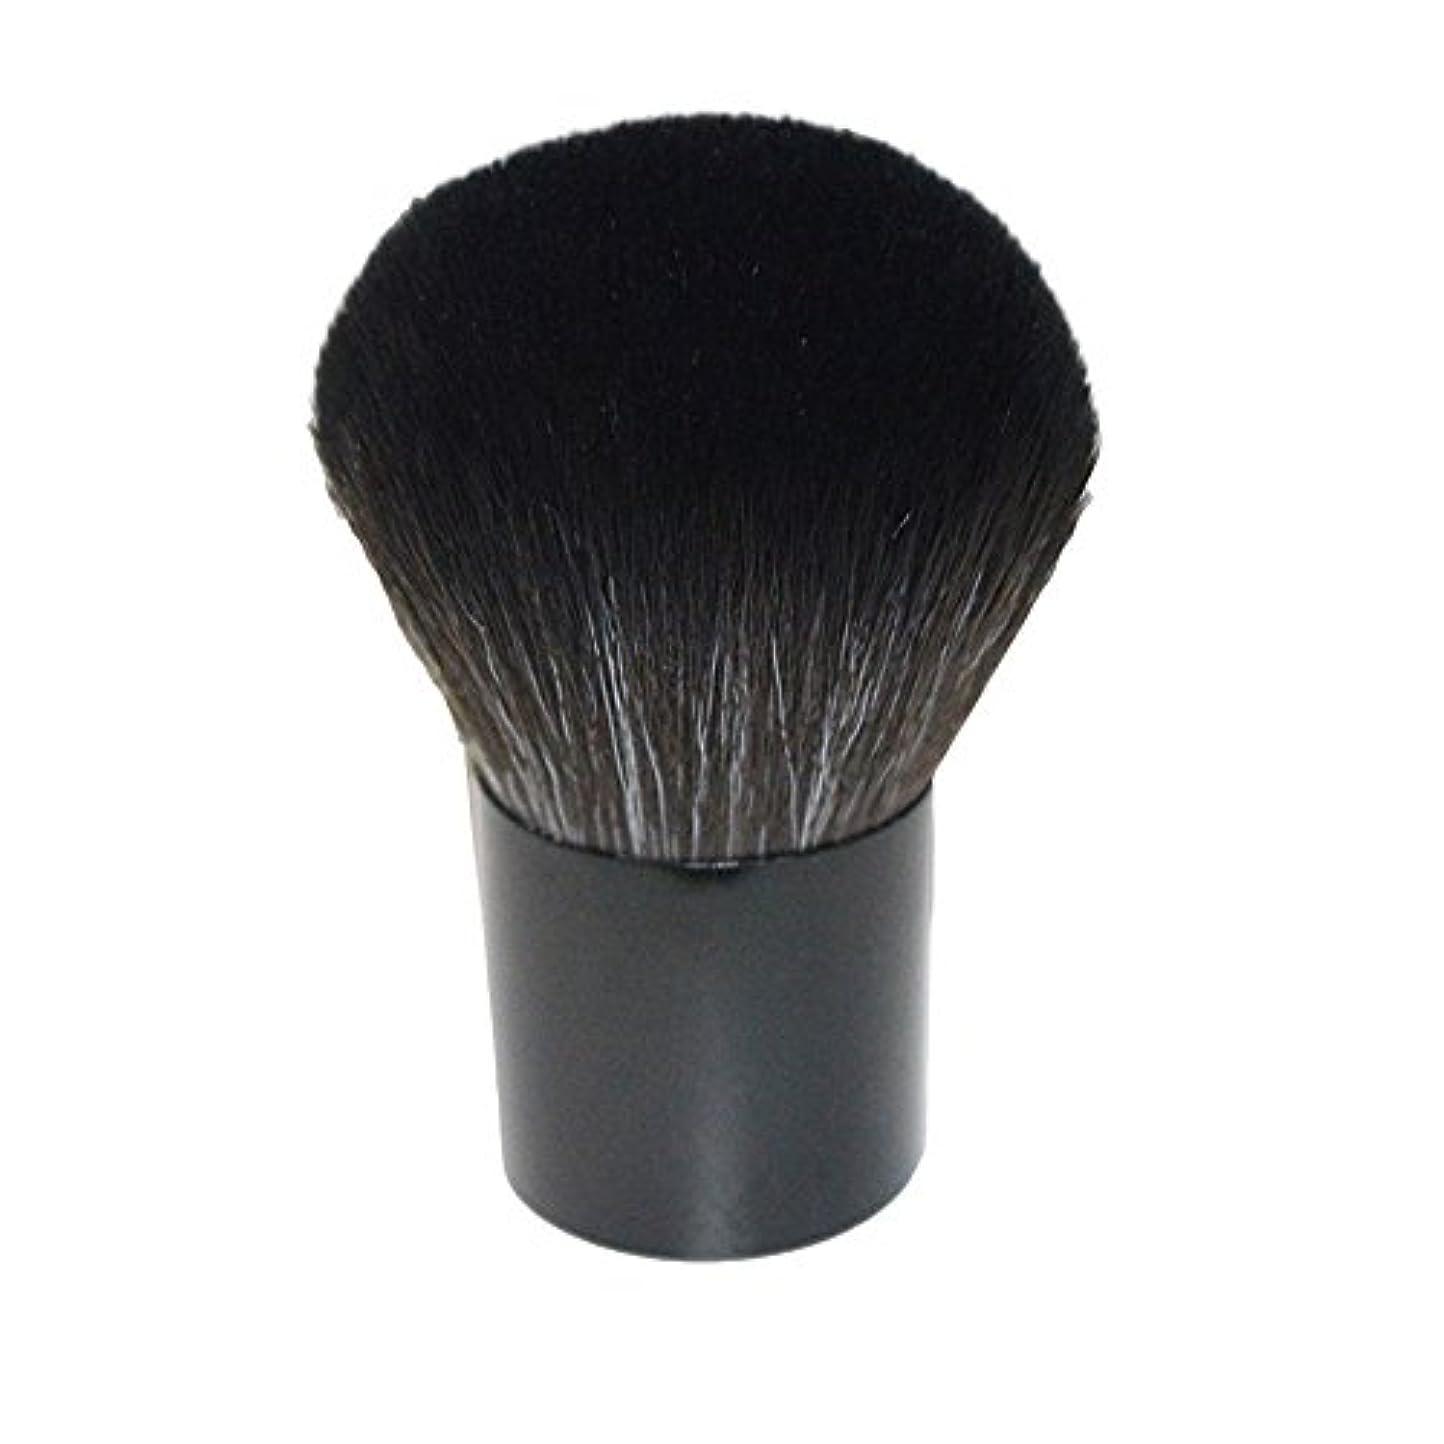 溶けるバイパスハーブ笑え熊 化粧筆 コスメブラシ 化粧ブラシ 多機能メイクブラシケース 扇形 ハイライト 毛質ふわふわ 激安 オススメ (ブラック2)